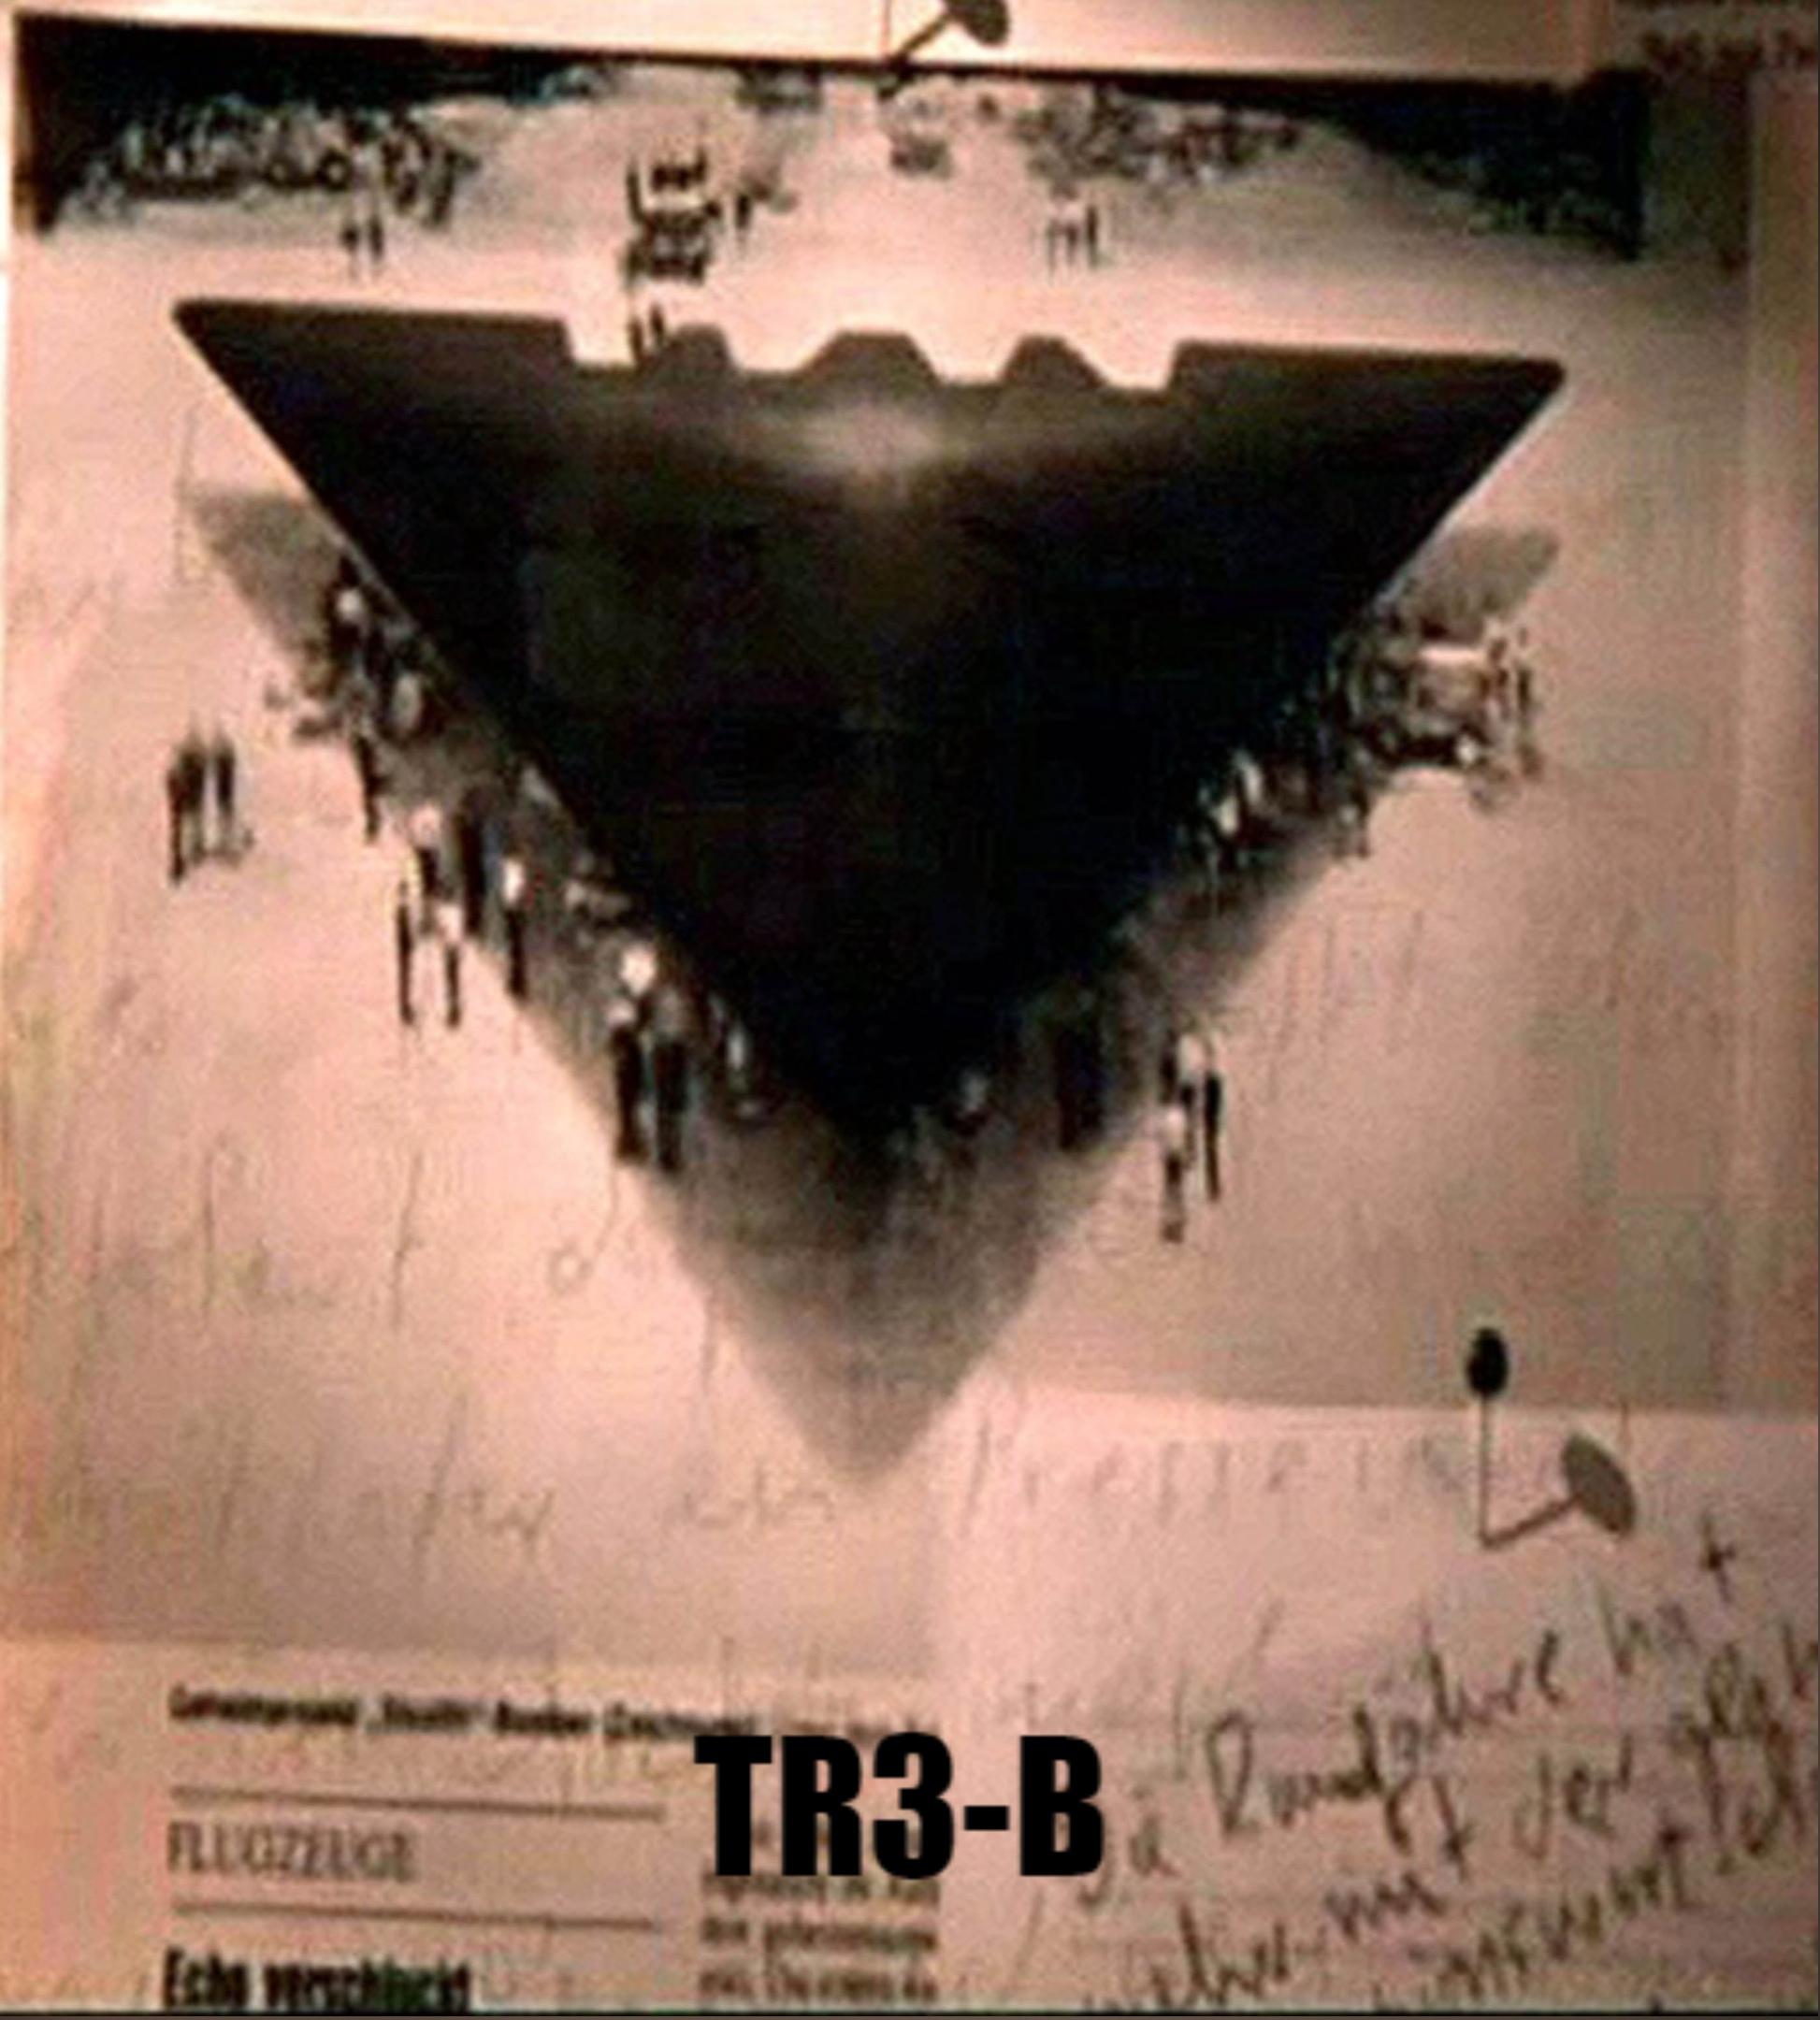 Информация о технологиях Секретных космических программ. Pi6ewSpgowo